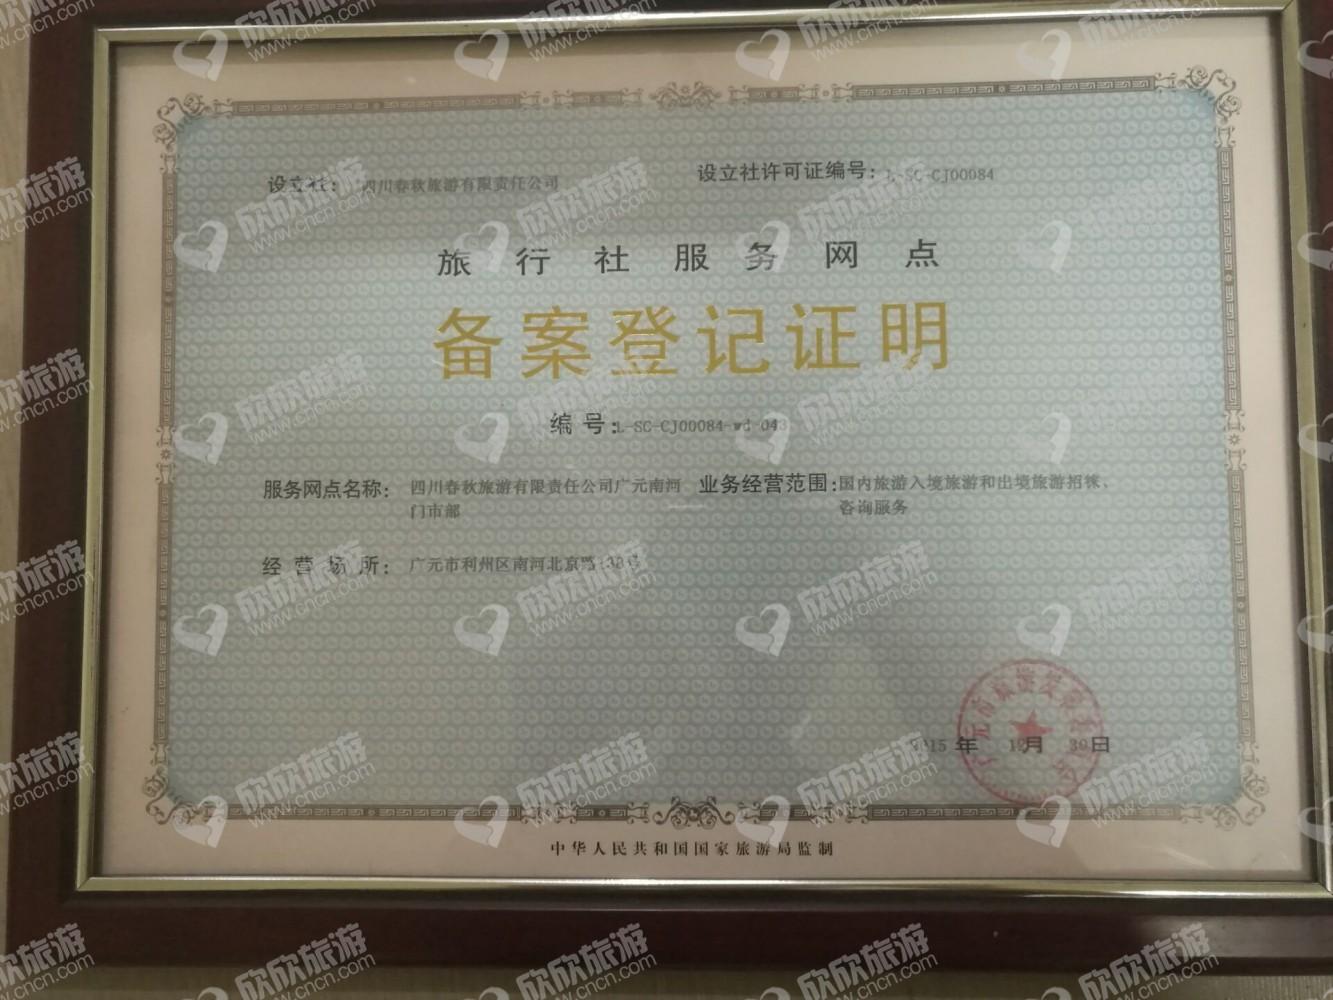 四川春秋旅游有限责任公司广元南河门市部经营许可证